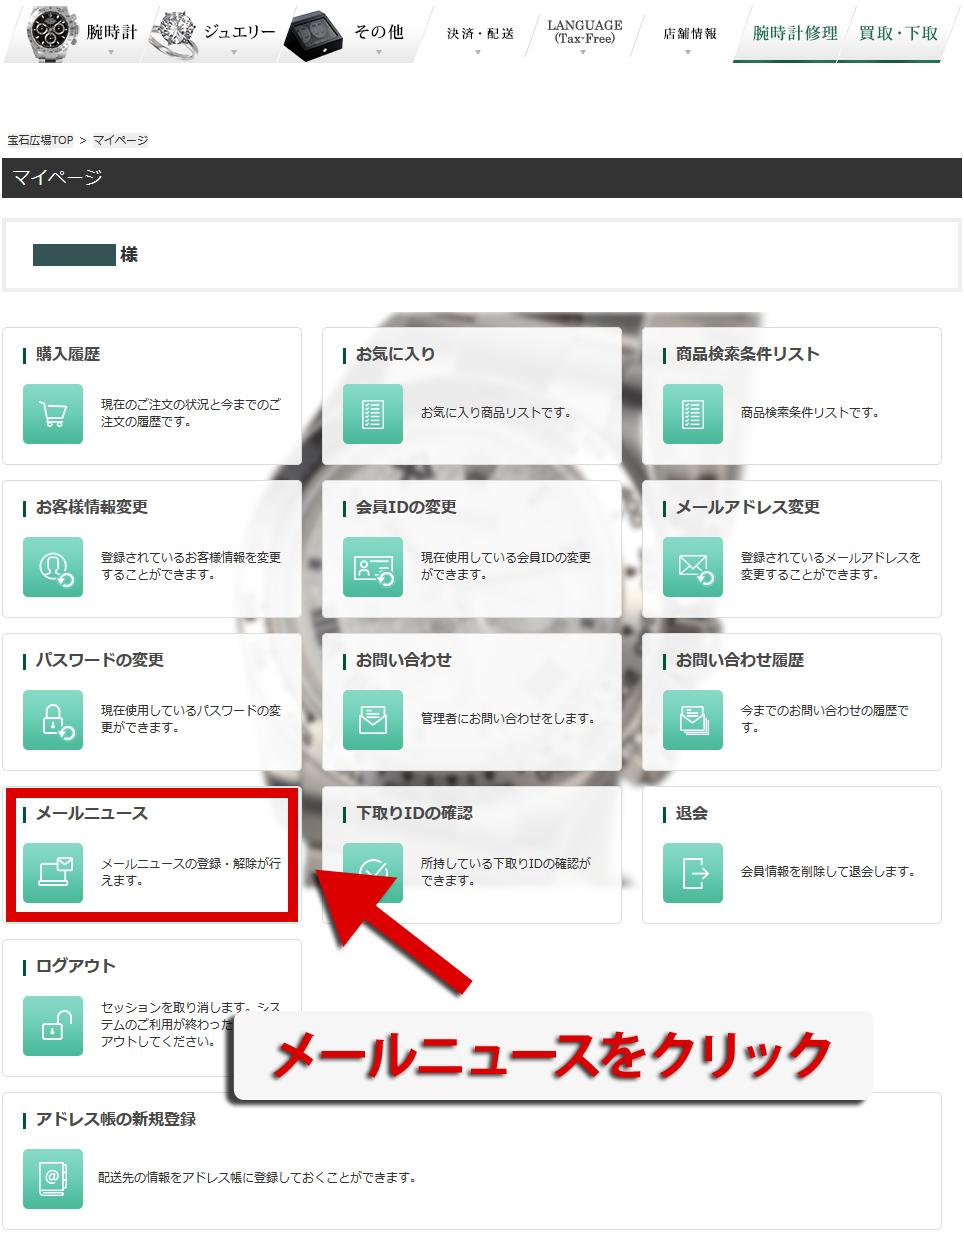 Screen Shot 2017-09-30 at 16.50.12-fullpage のコピー